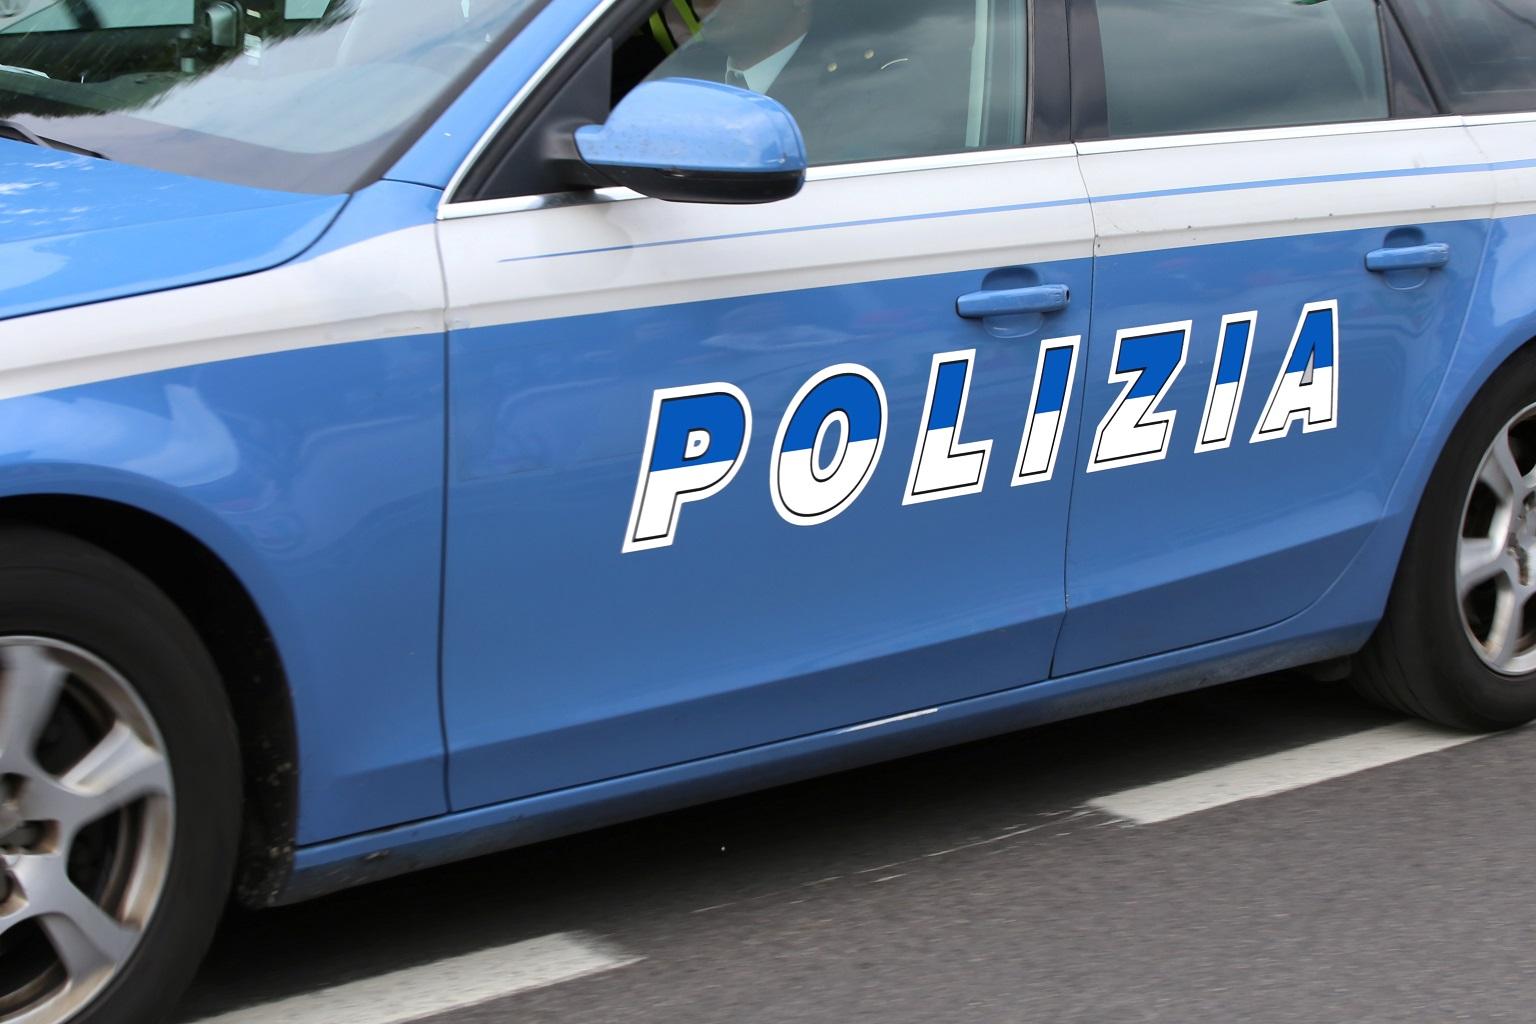 asti-scuola-armato-punire-arrestato-16enne